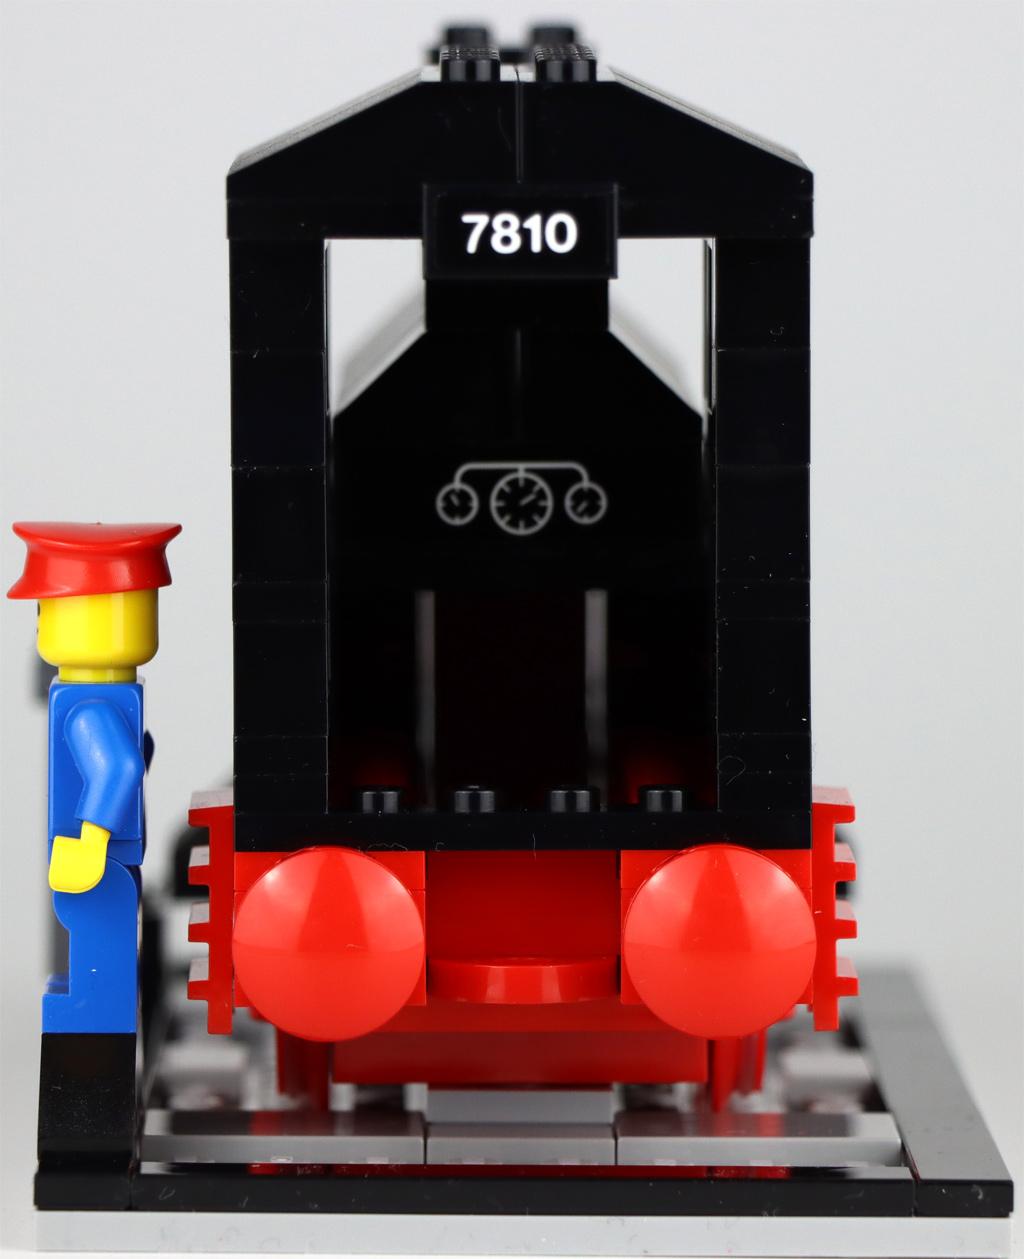 lego-zug-40-jahre-40370-fahrerkabine-2020-zusammengebaut-andres-lehmann zusammengebaut.com